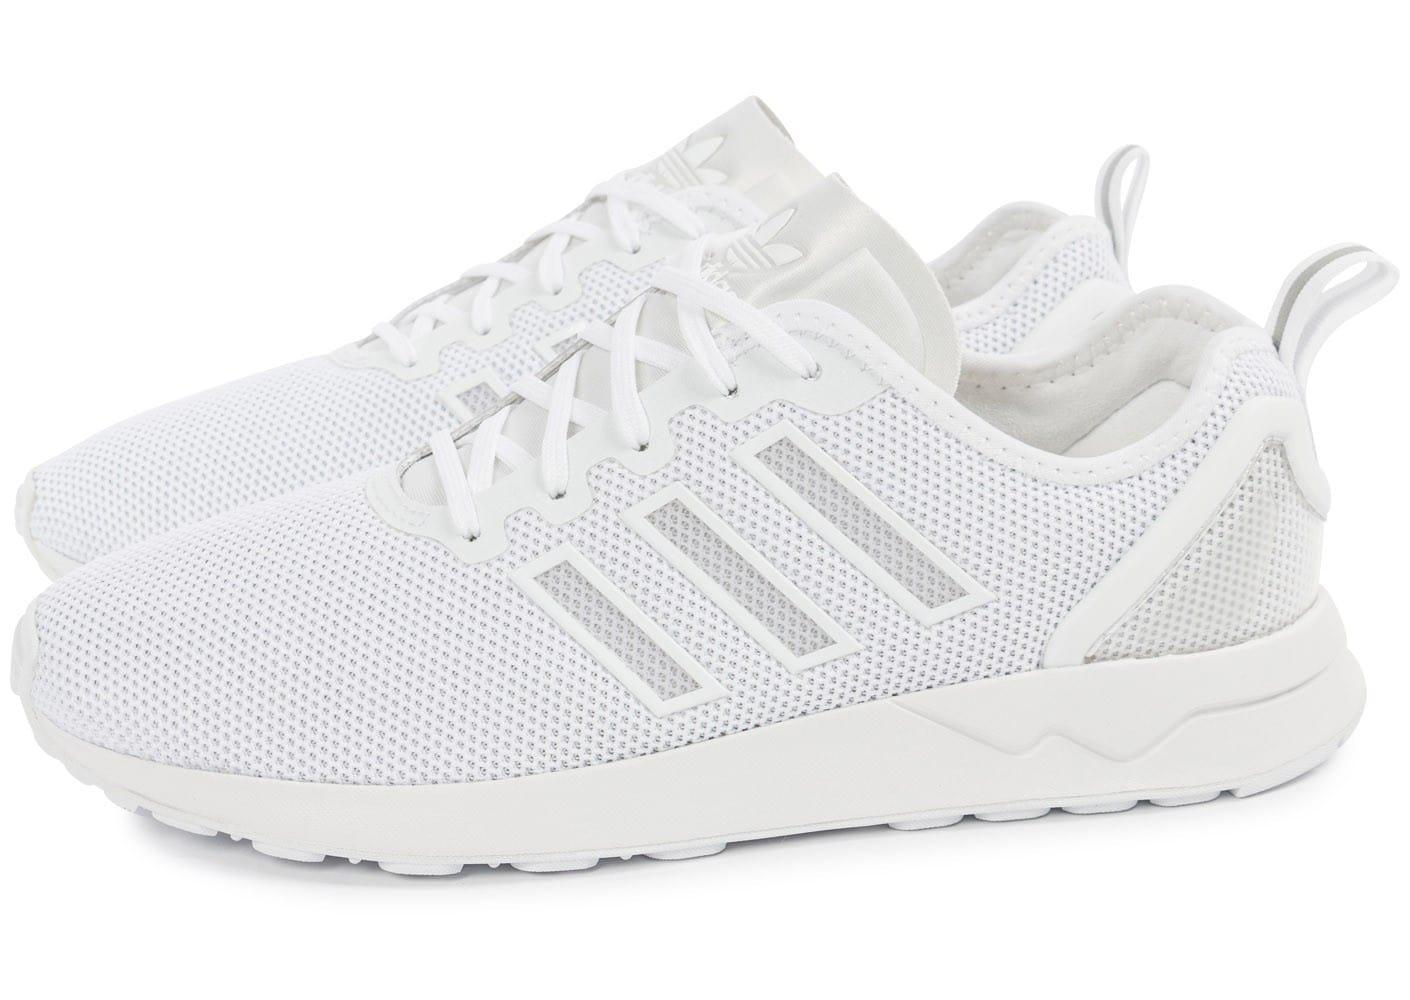 adidas zx flux adv blanche pour des sorties bon marché